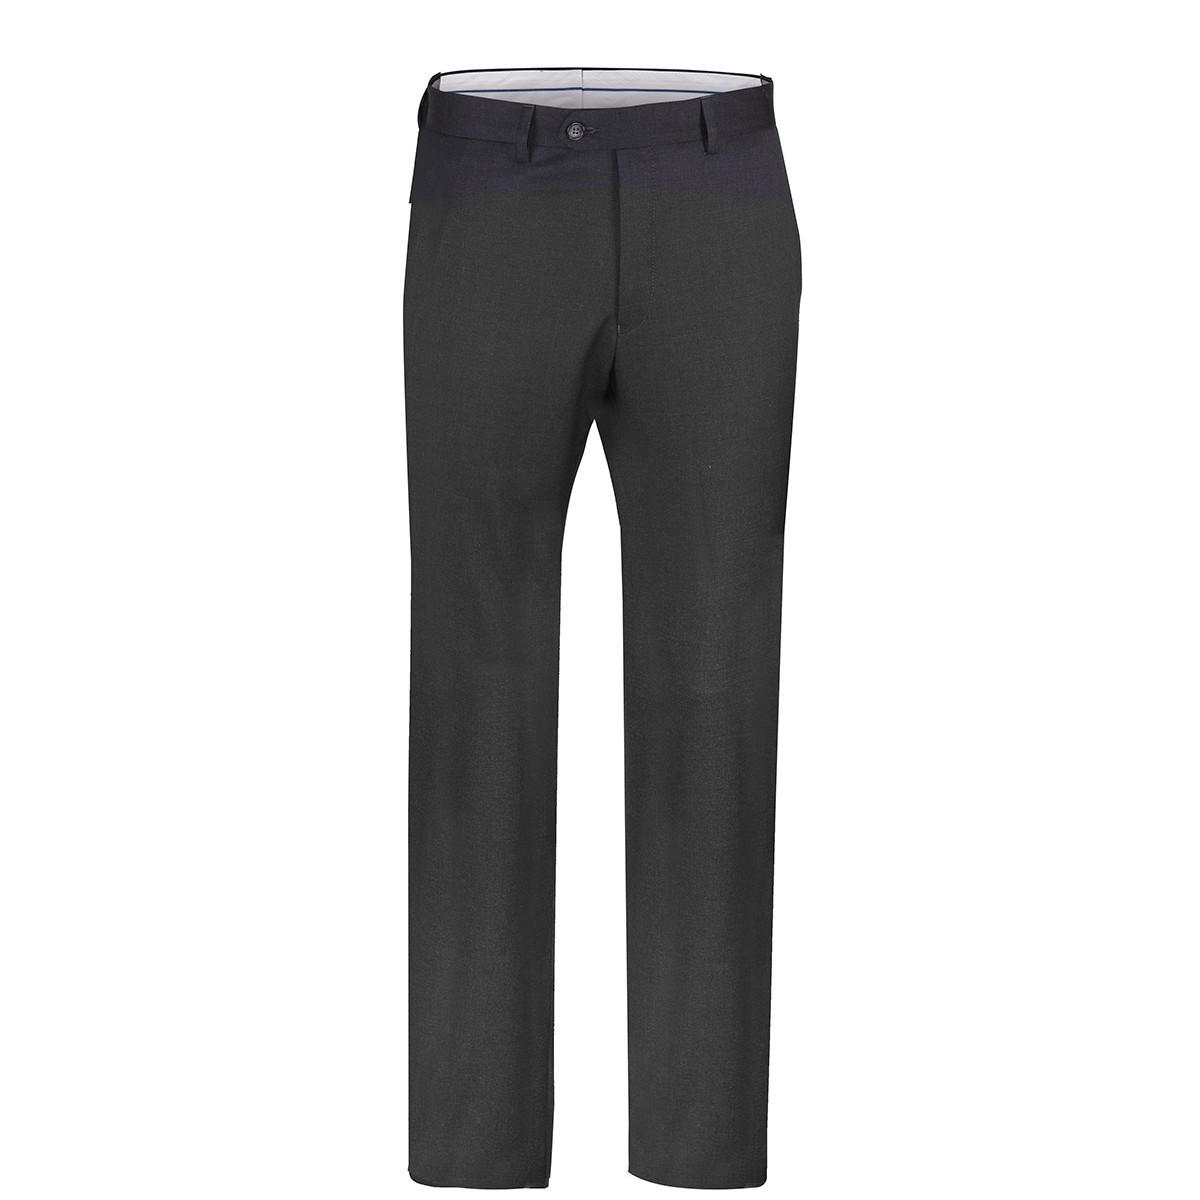 Pantalon Gris Anthracite - laine